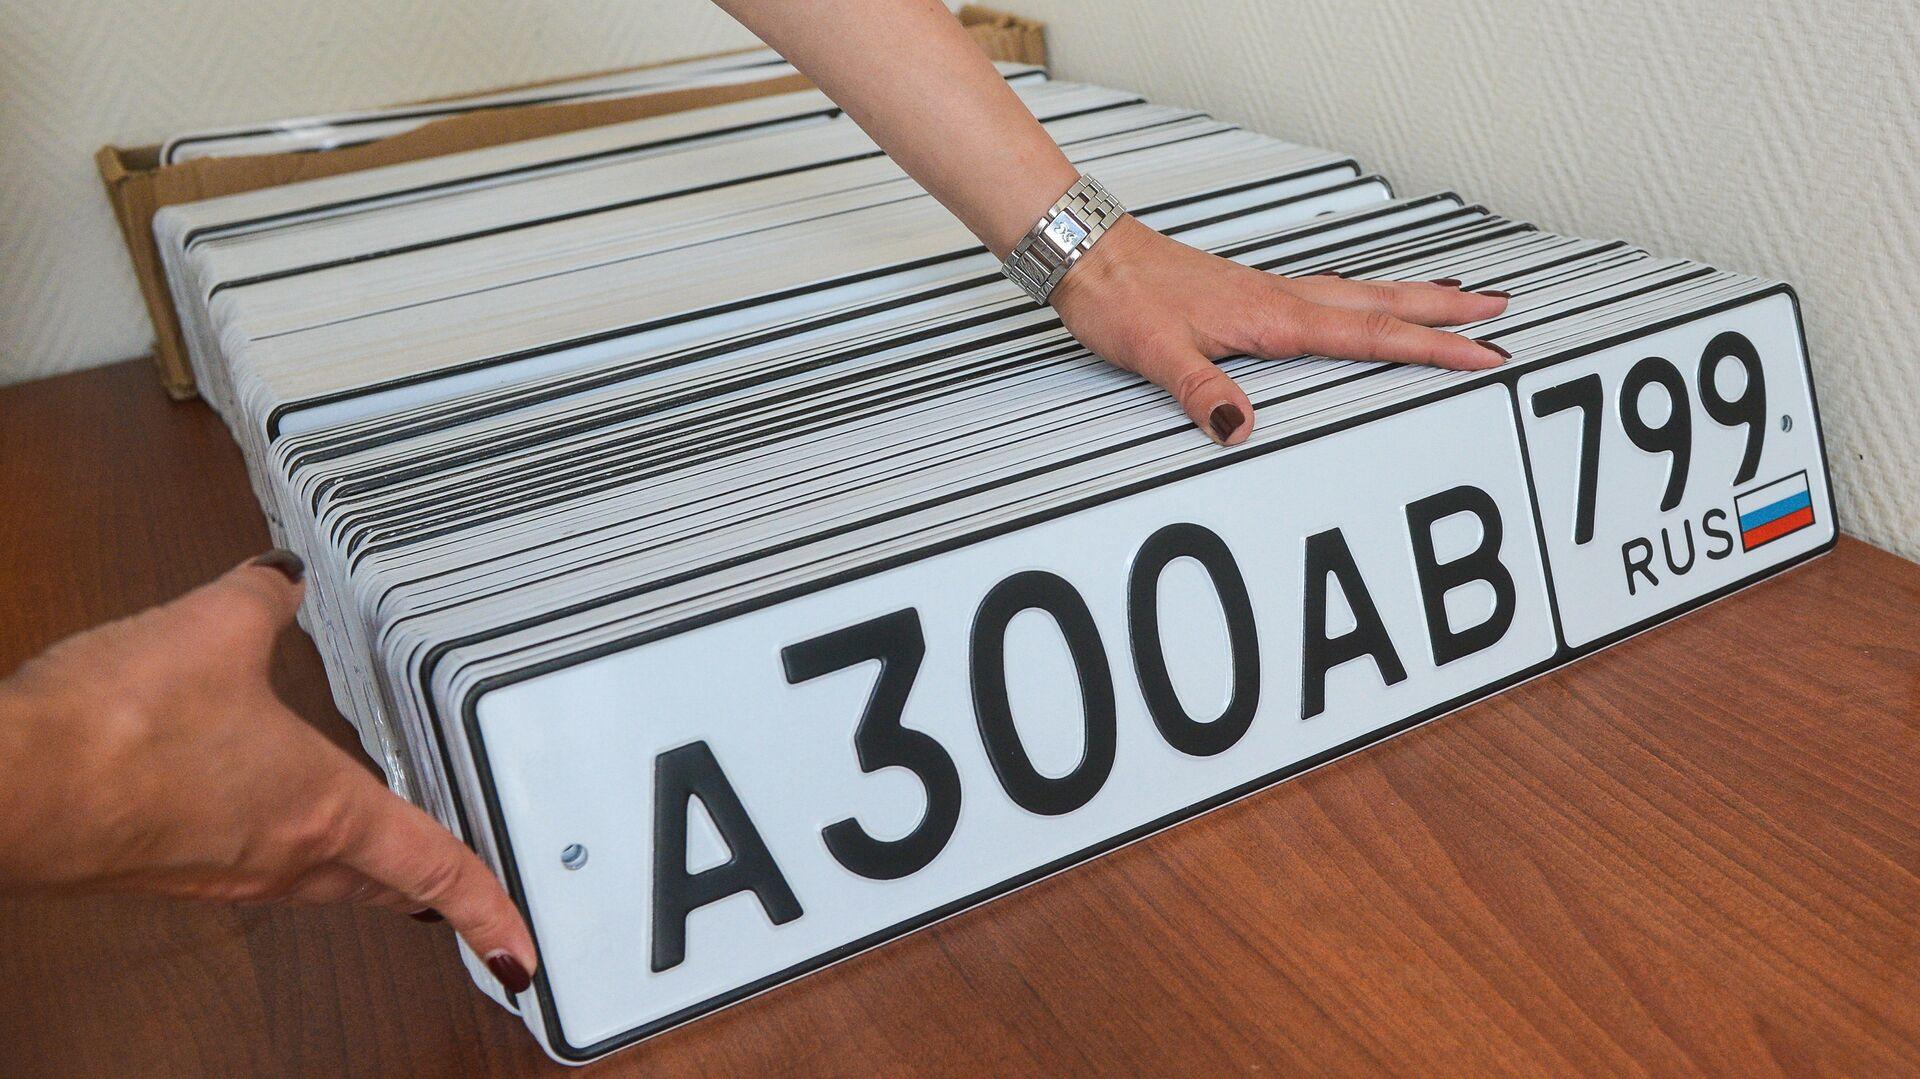 Выдача новых автомобильных номеров серии 799 - РИА Новости, 1920, 07.08.2020